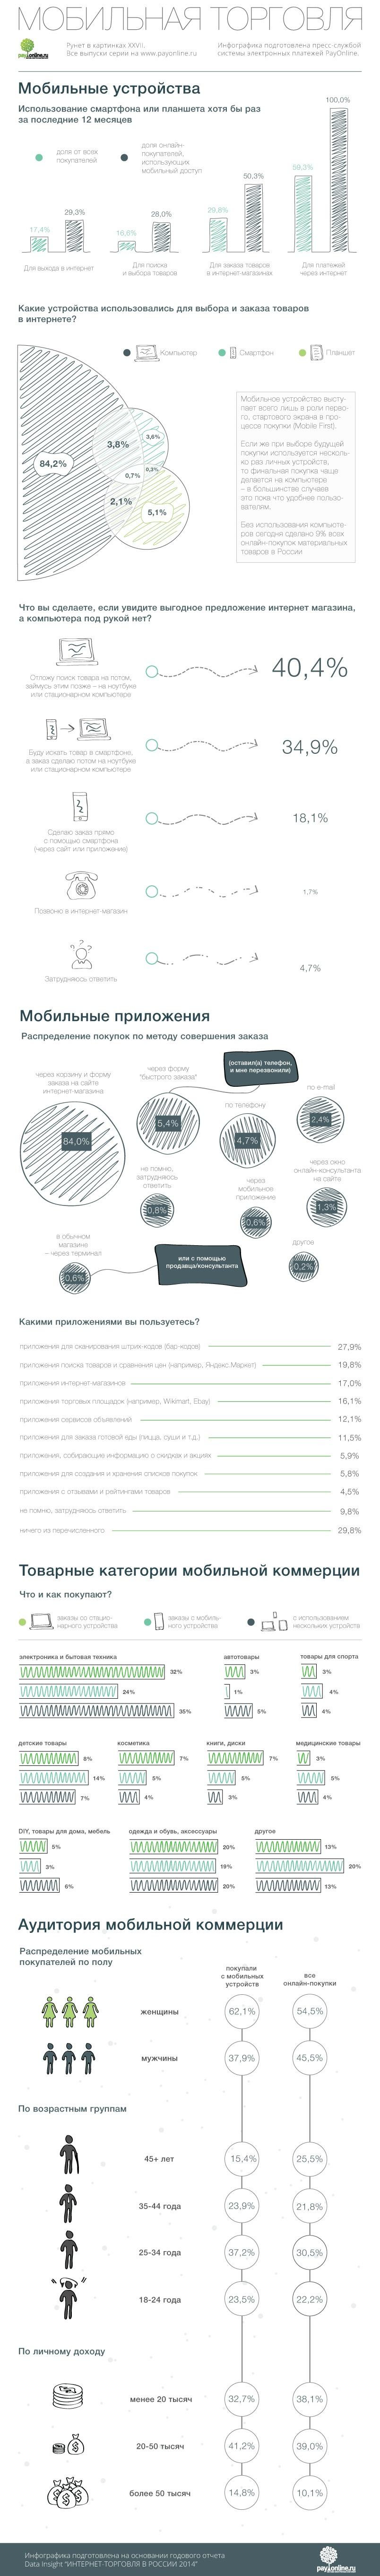 Инфографика «Рунет в картинках XXVII: Мобильная торговля» - 2